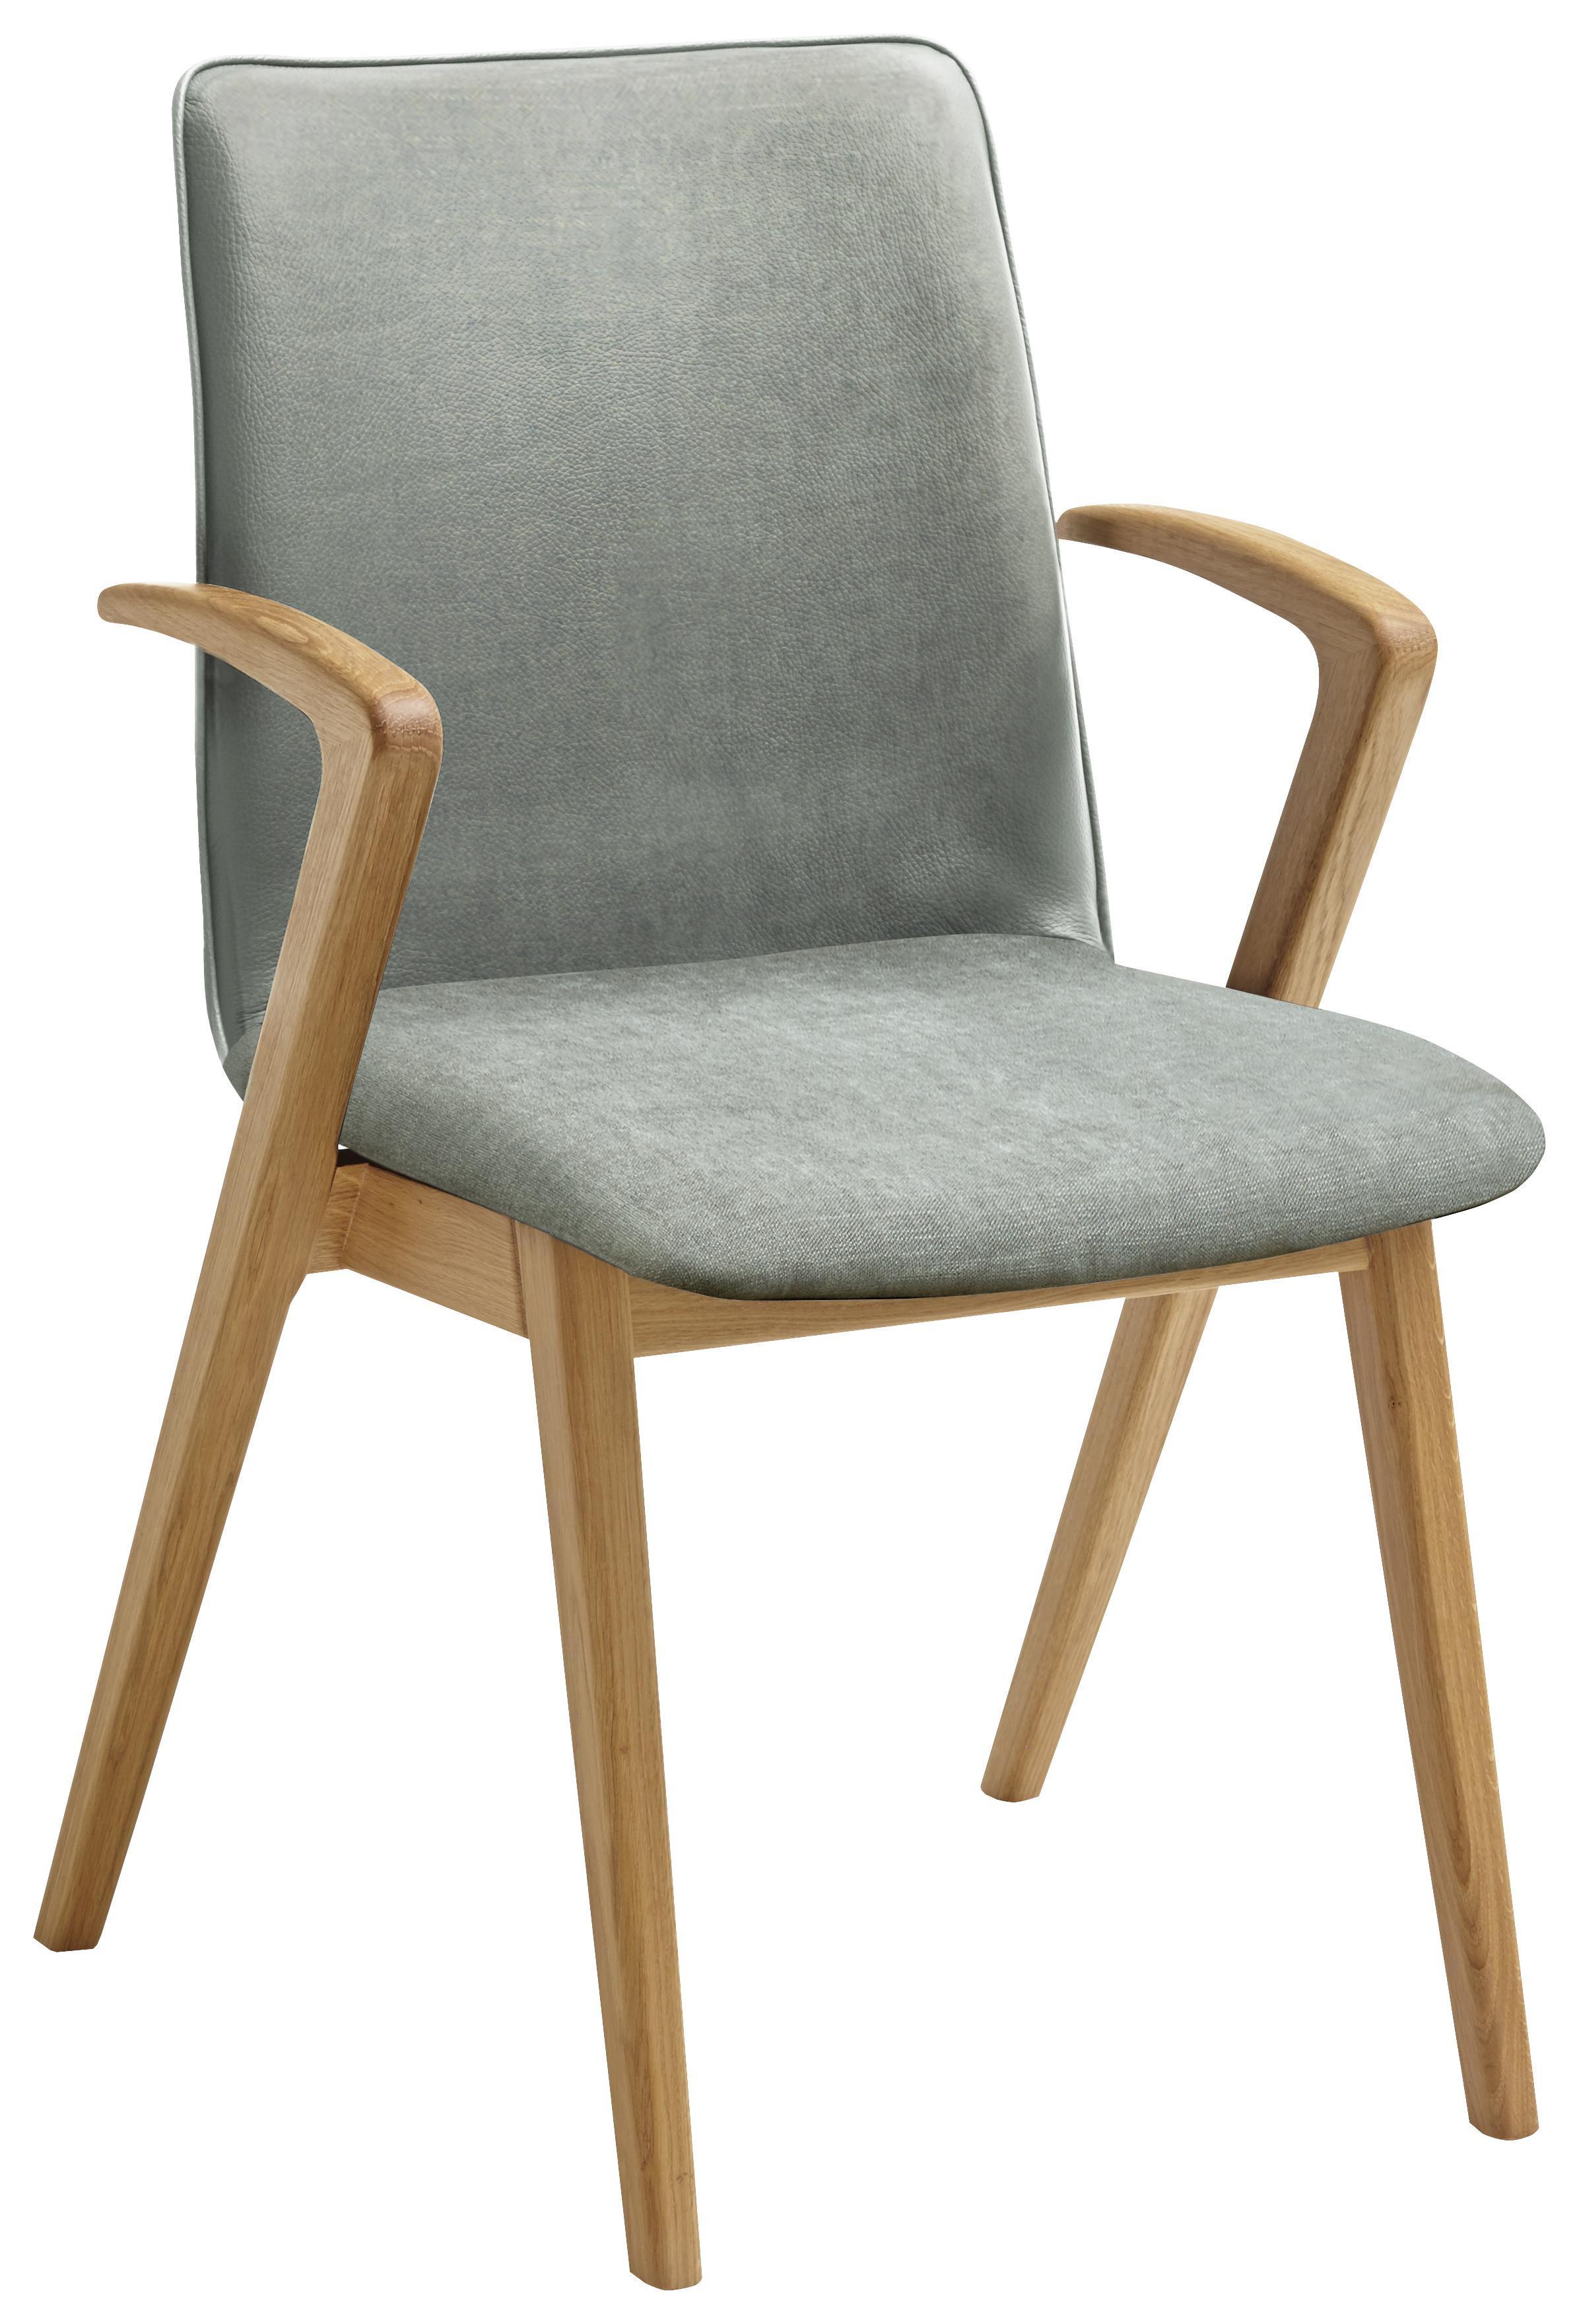 Stühle kaufen Venjakob Venjakob online Stühle XXXLutz XXXLutz online kaufen Stühle Venjakob online PwOk8n0X